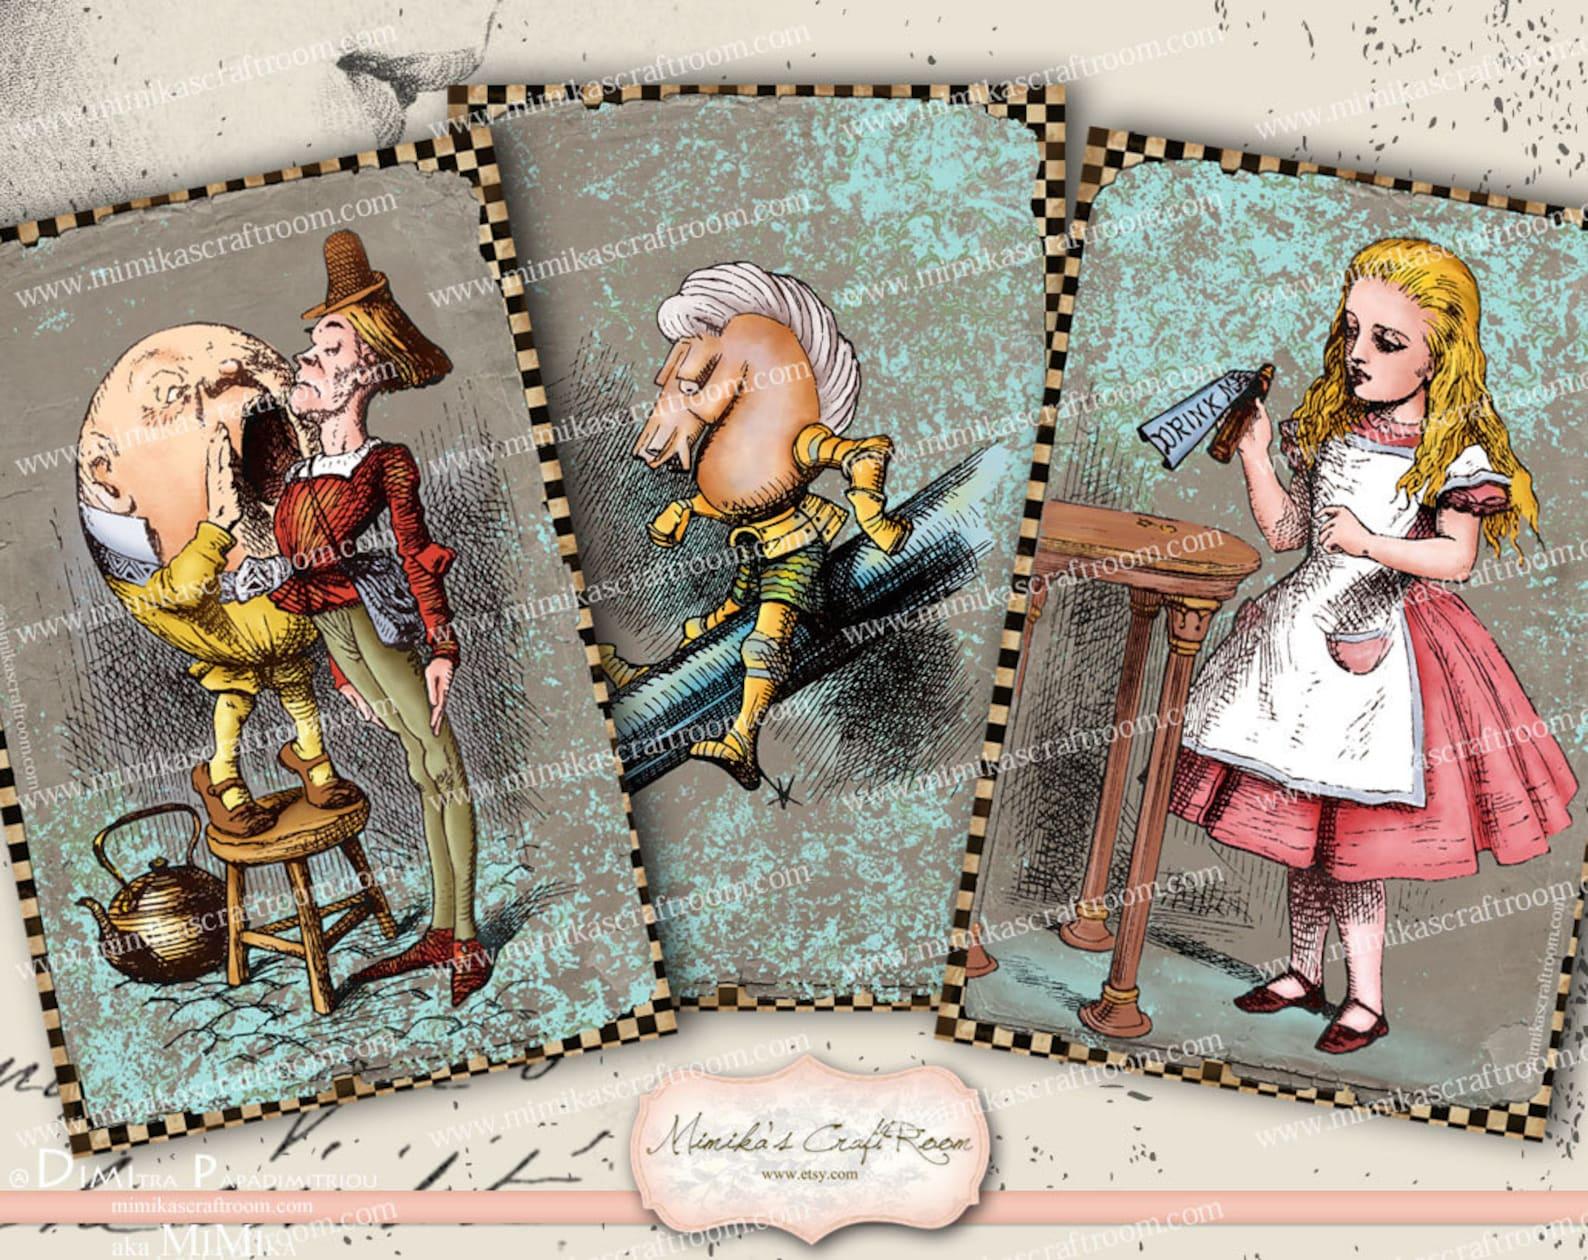 Алиса в стране чудес открытки с историей, анимационные открытки друг